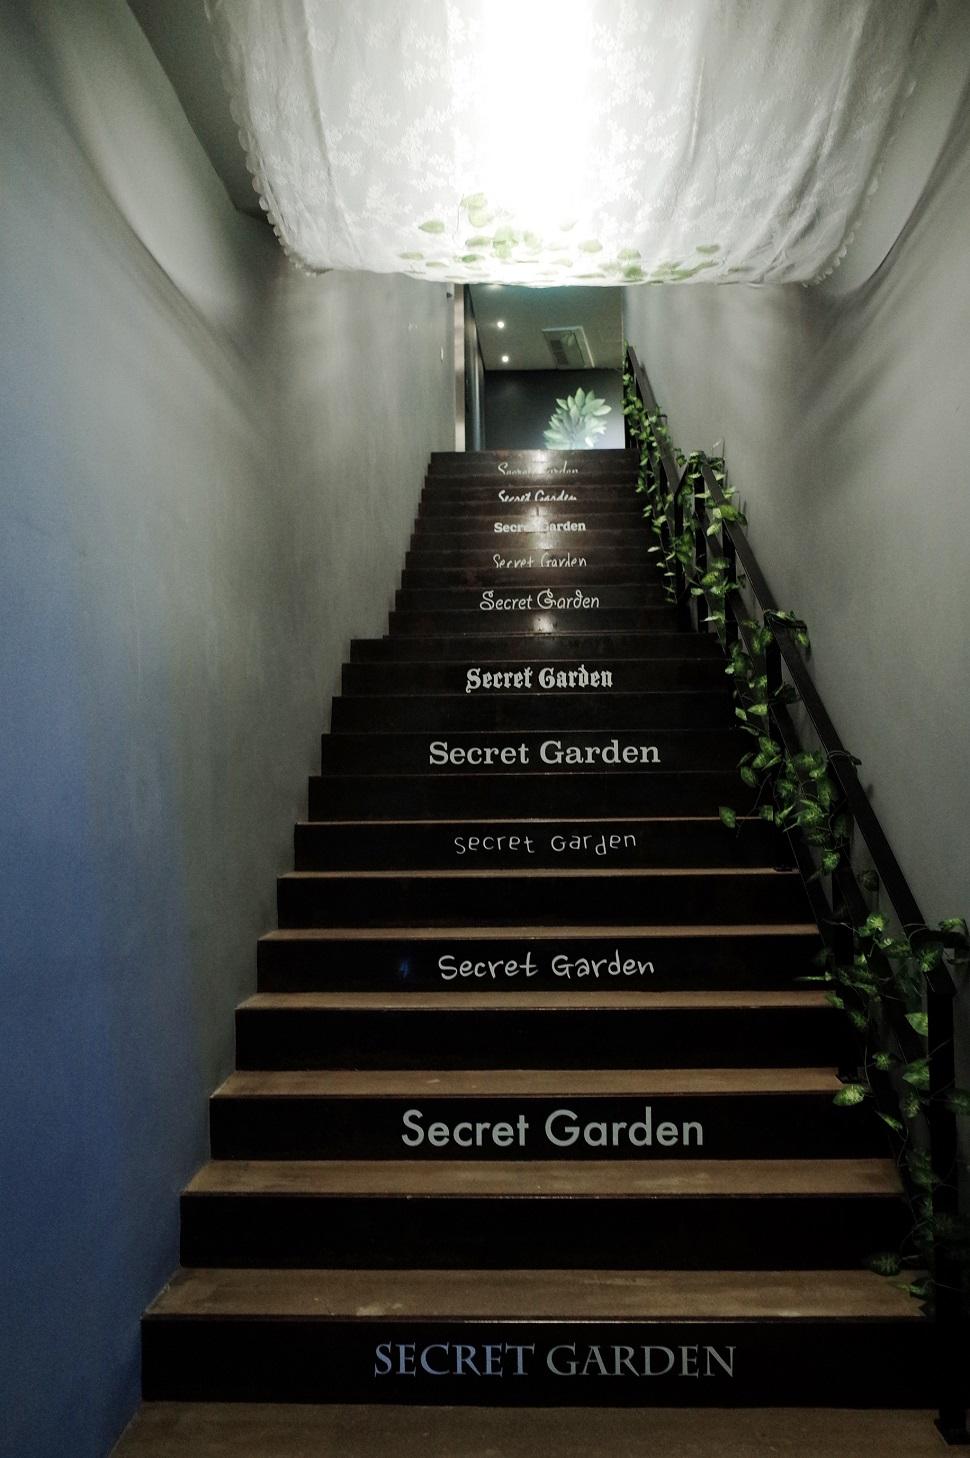 그리고 2층으로 올라가자. 해외 중견 작가 앤 미첼과 히로시 센주의 작품을 감상할 수 있다.